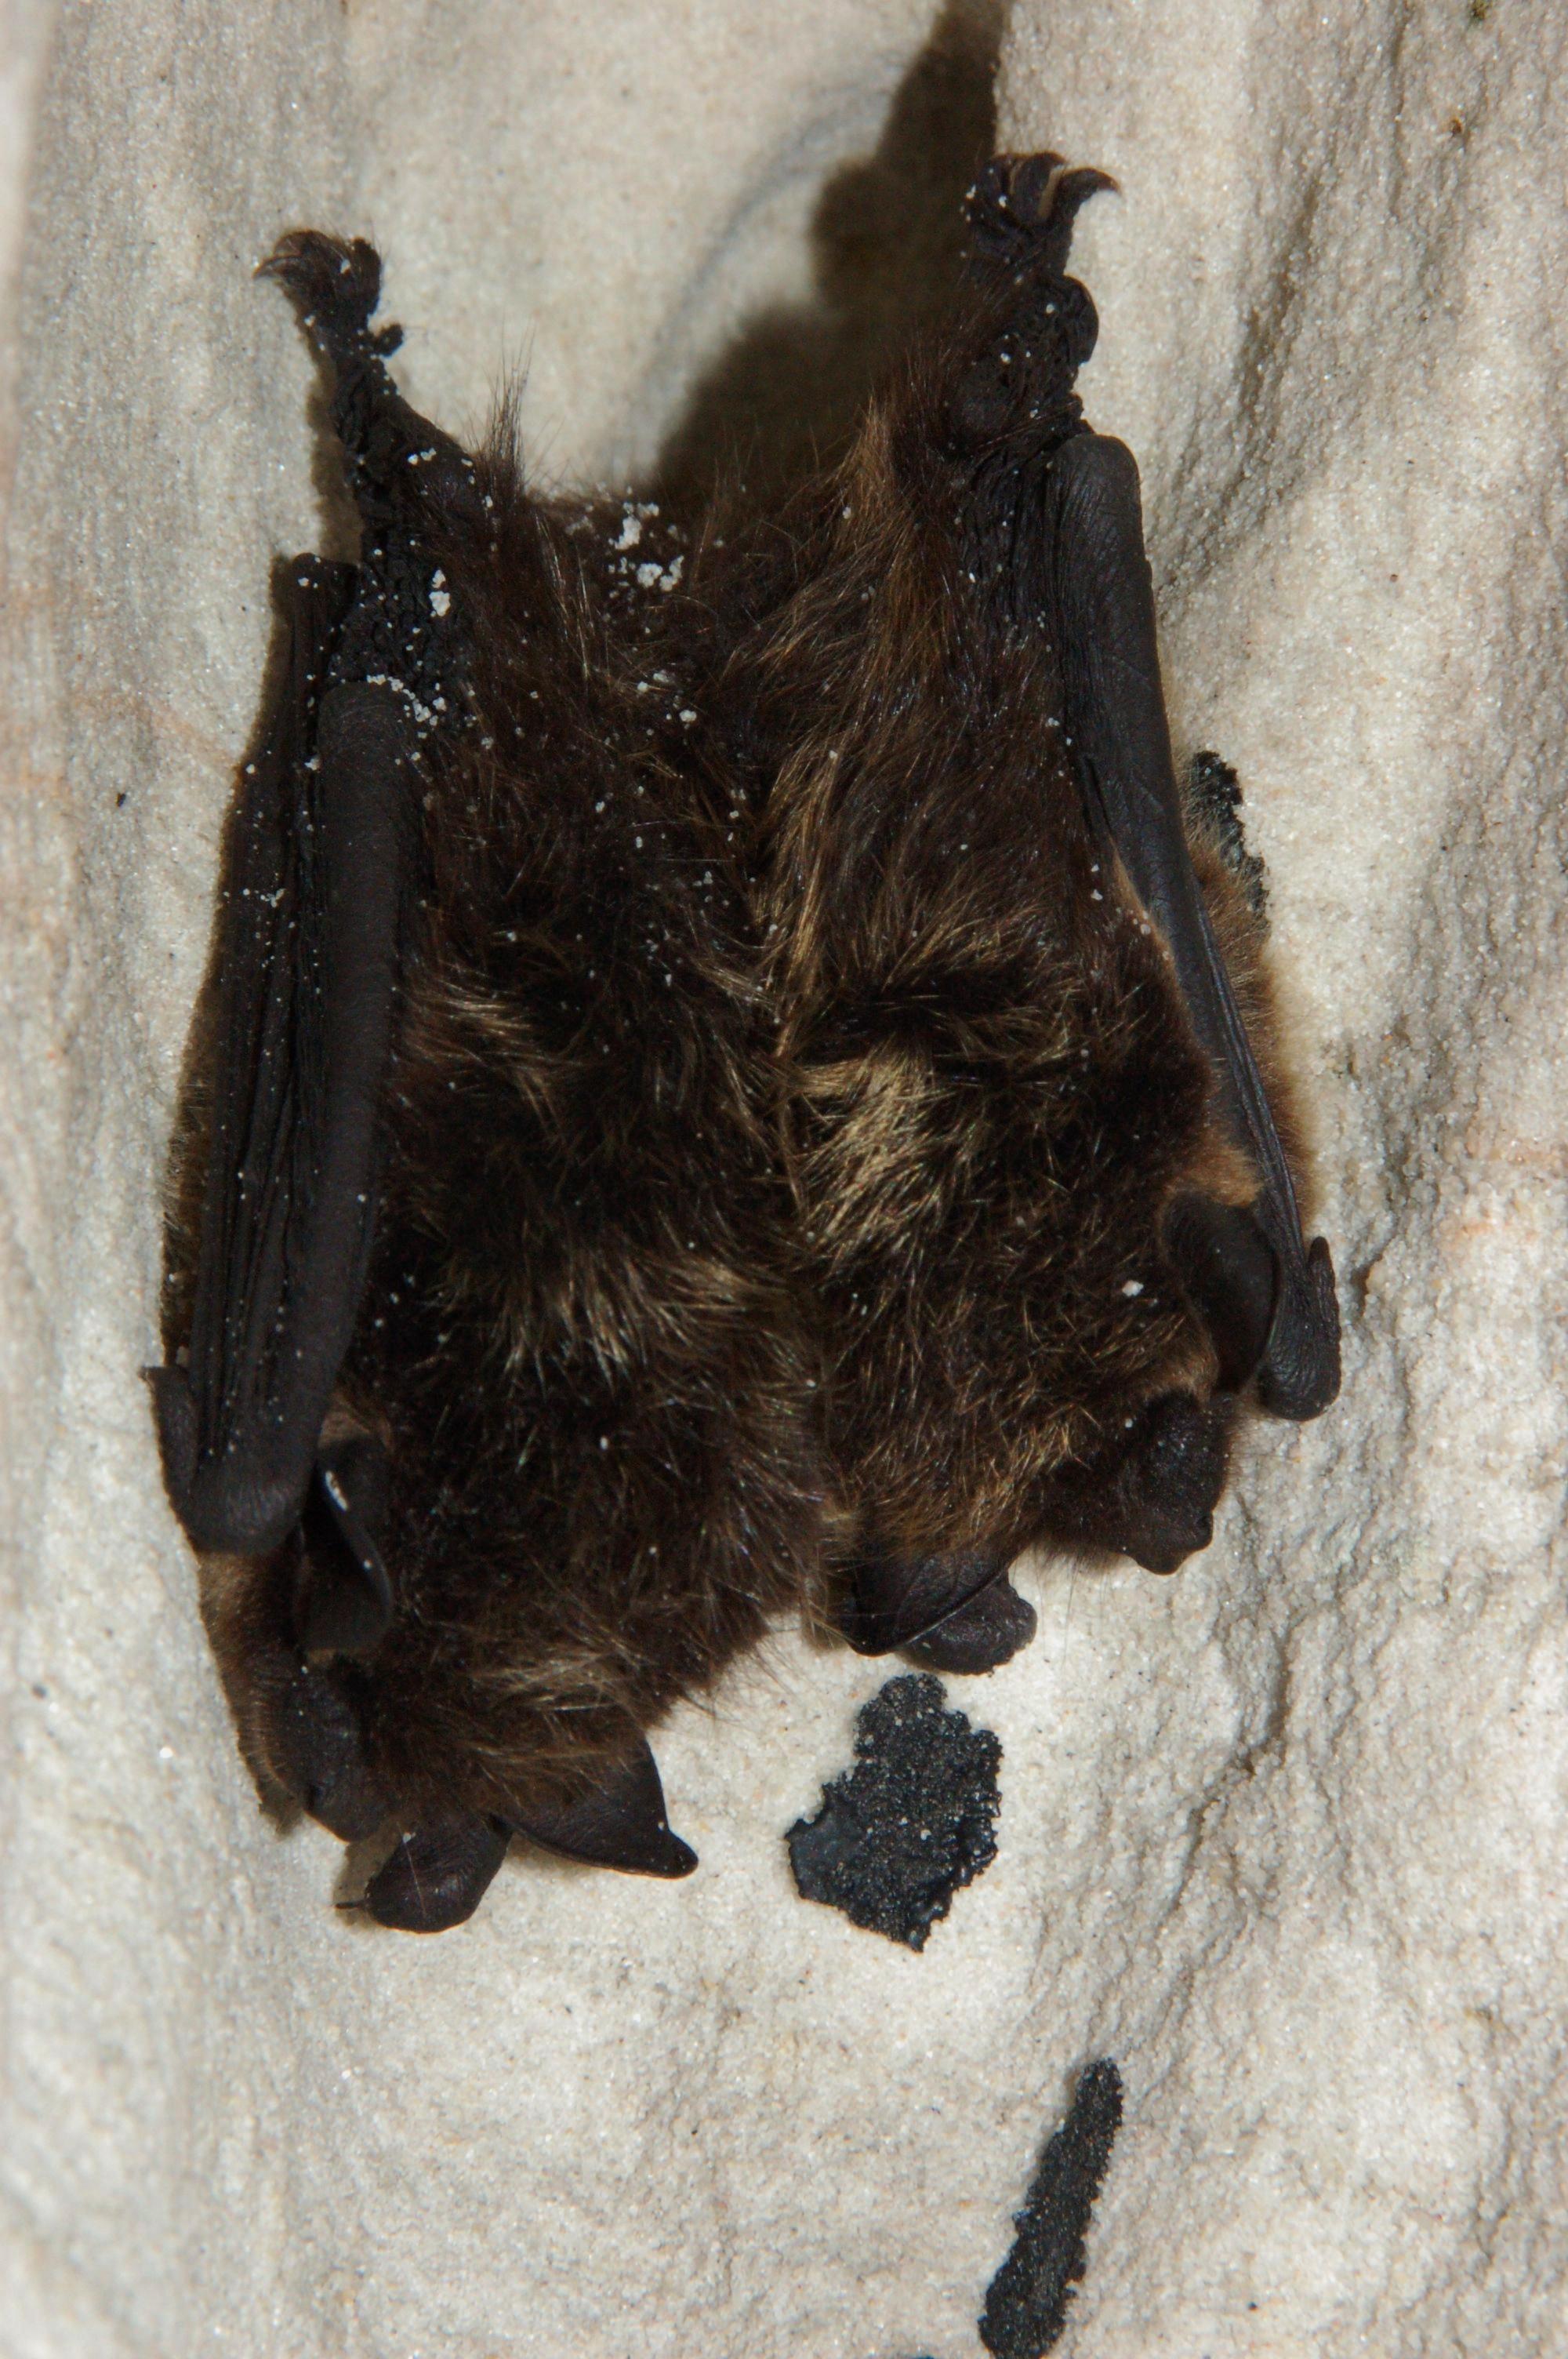 Eptesicus nilssonii (Viesturs Vintulis)